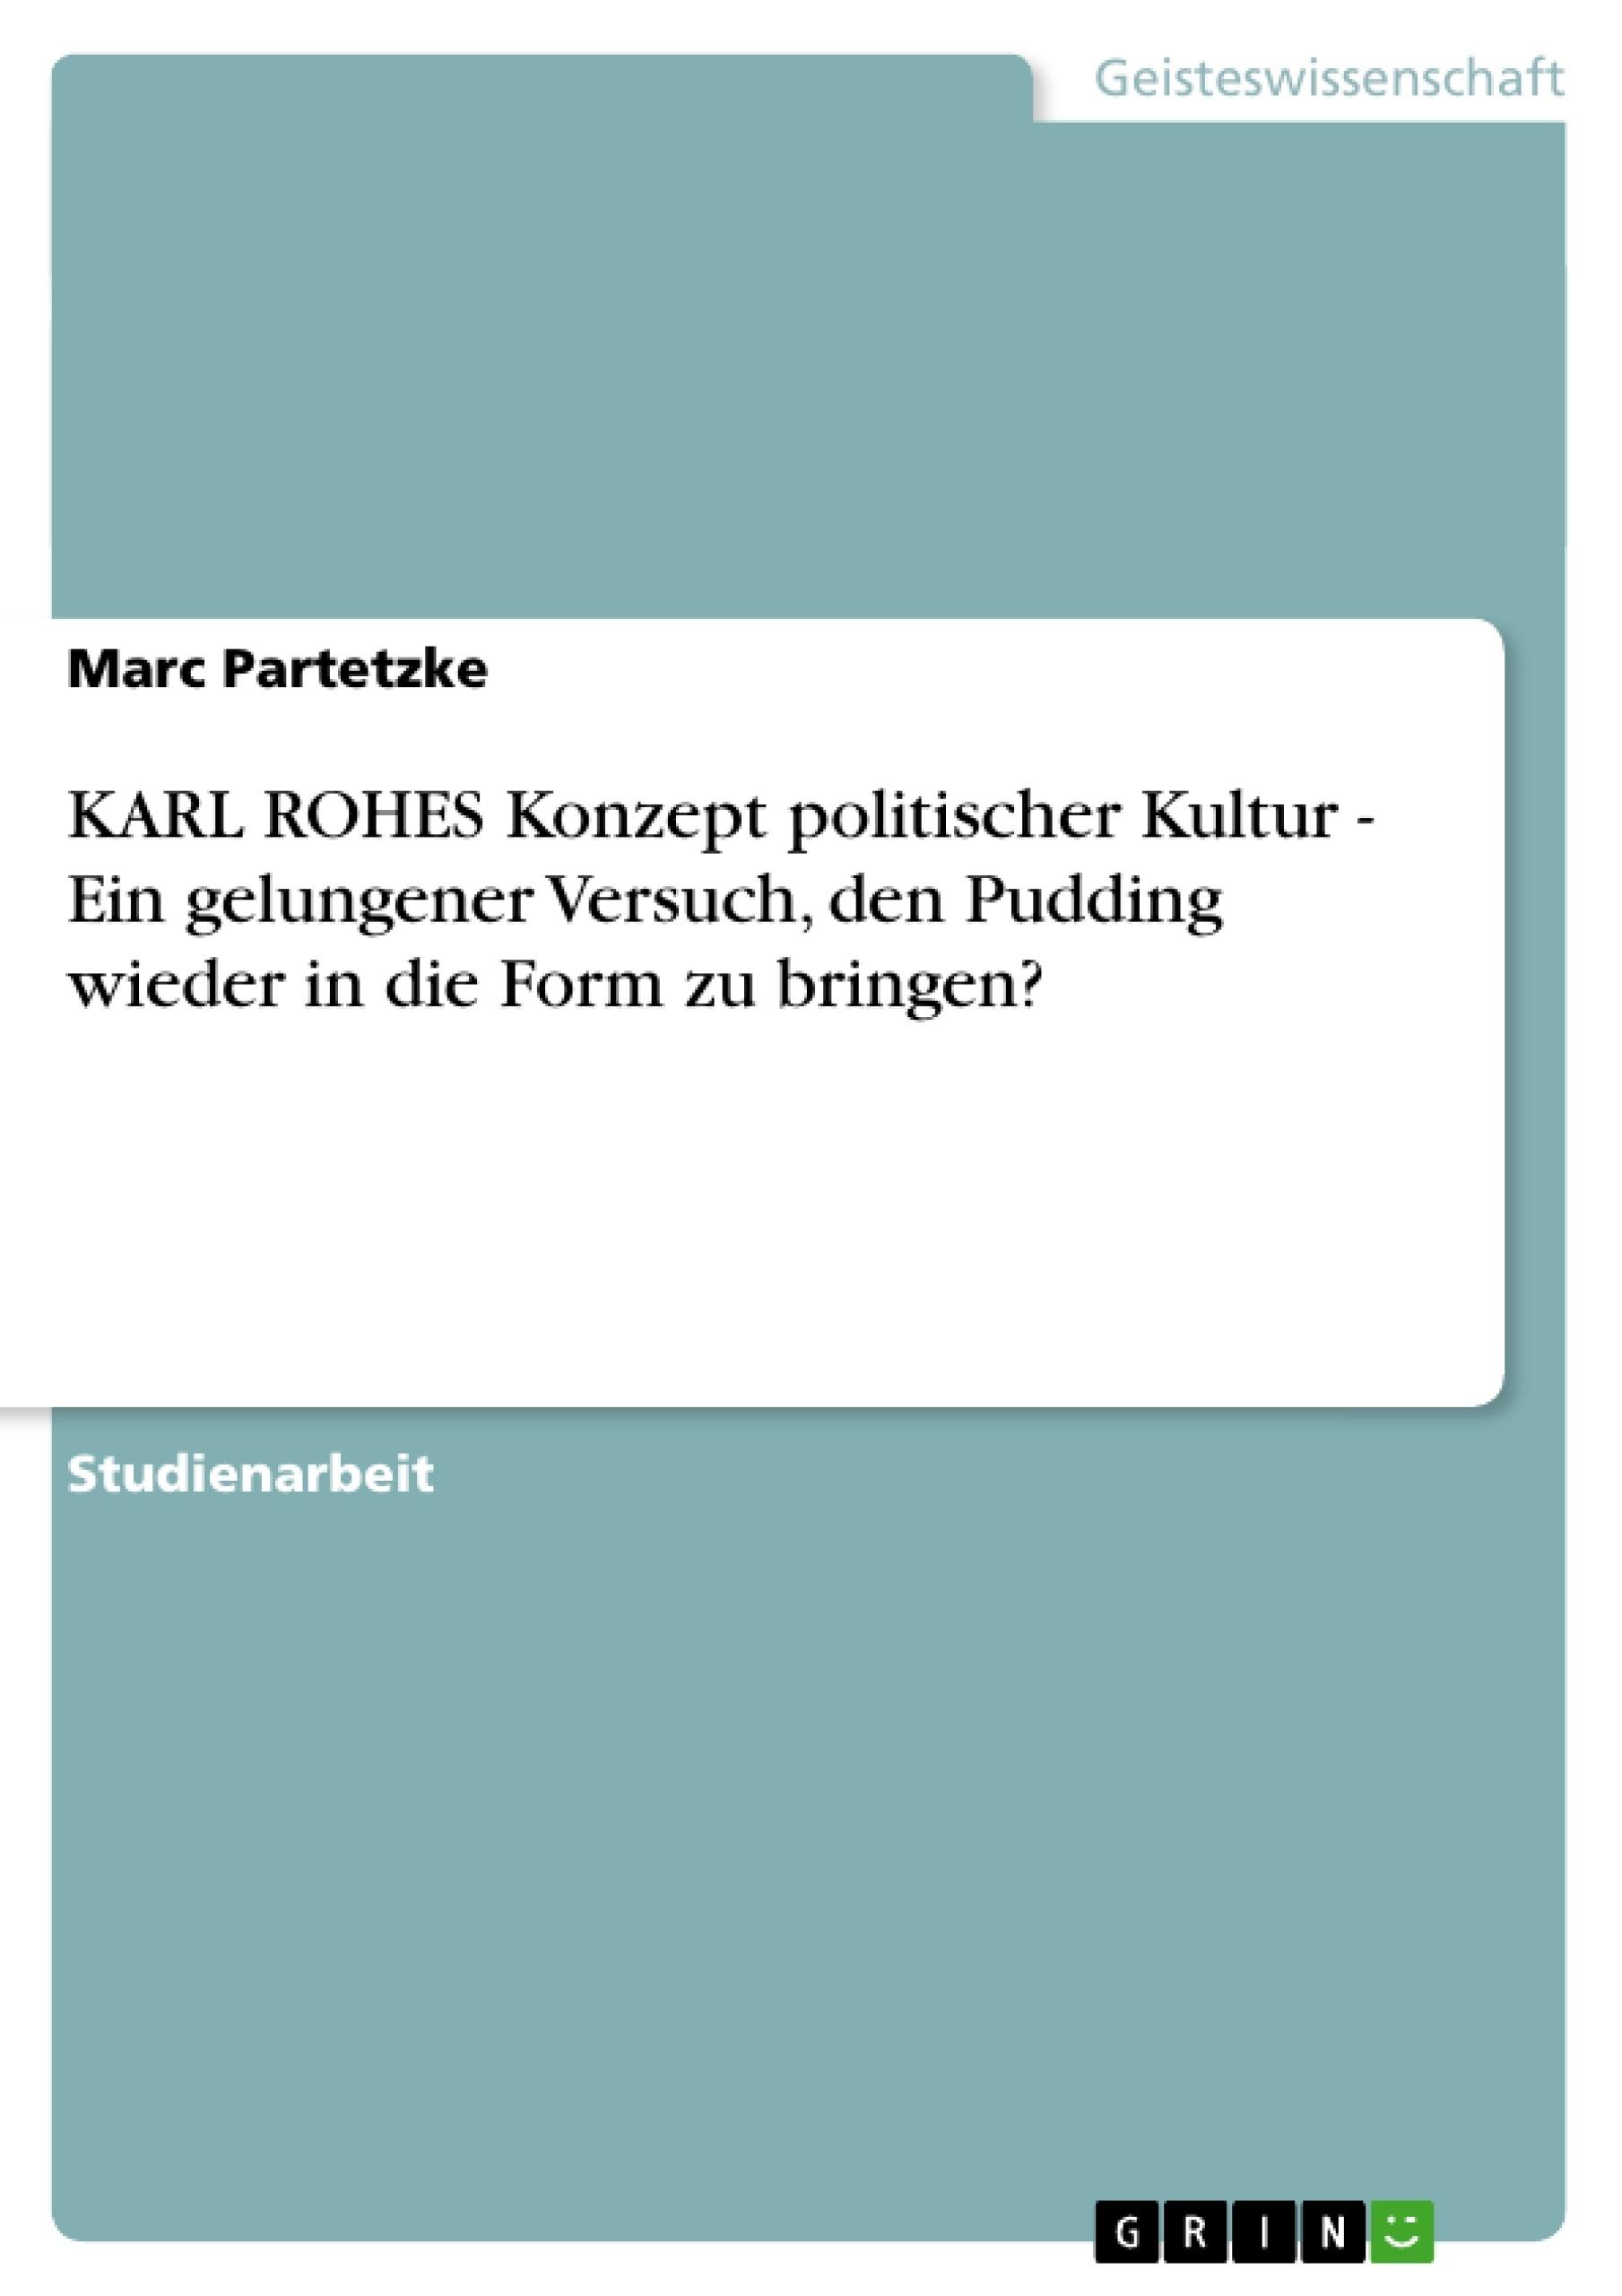 Titel: KARL ROHES Konzept politischer Kultur - Ein gelungener Versuch, den Pudding wieder in die Form zu bringen?